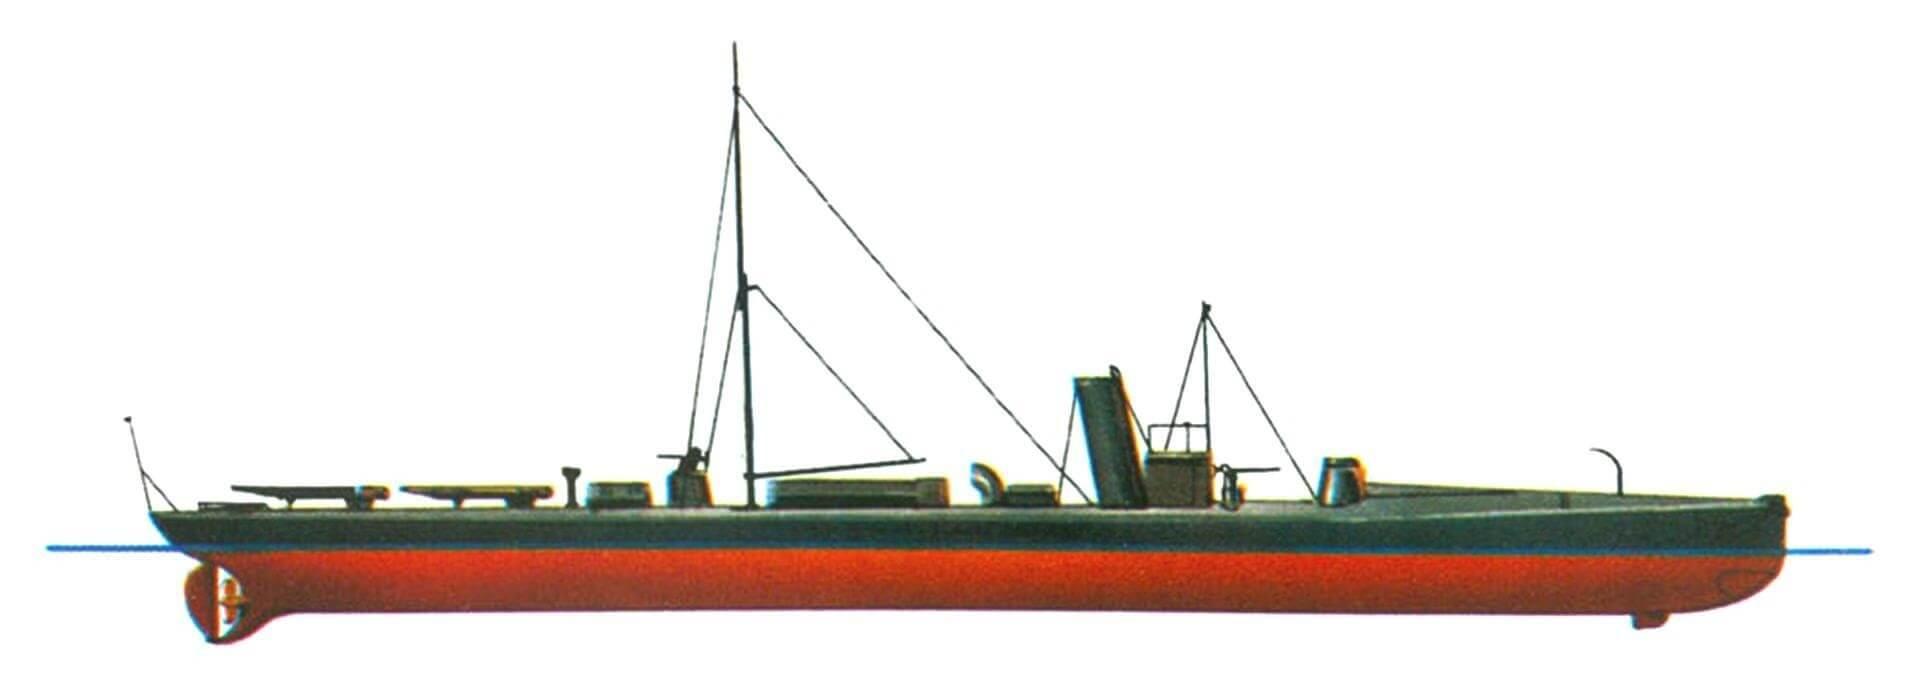 124.«Дивизионный» миноносец D-1, Германия, 1887 г.